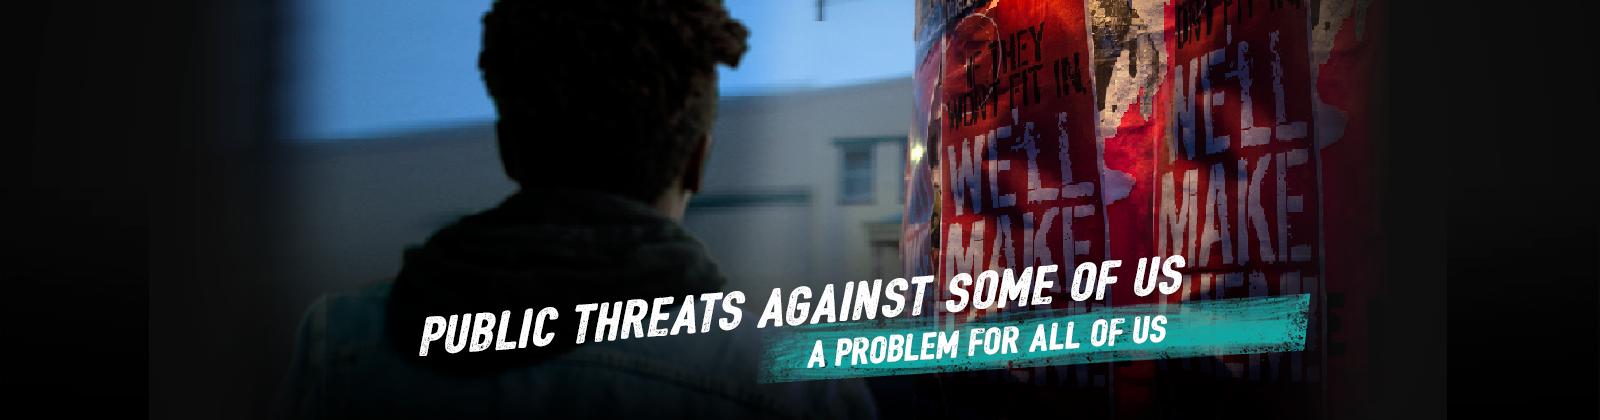 violence web banner banner image